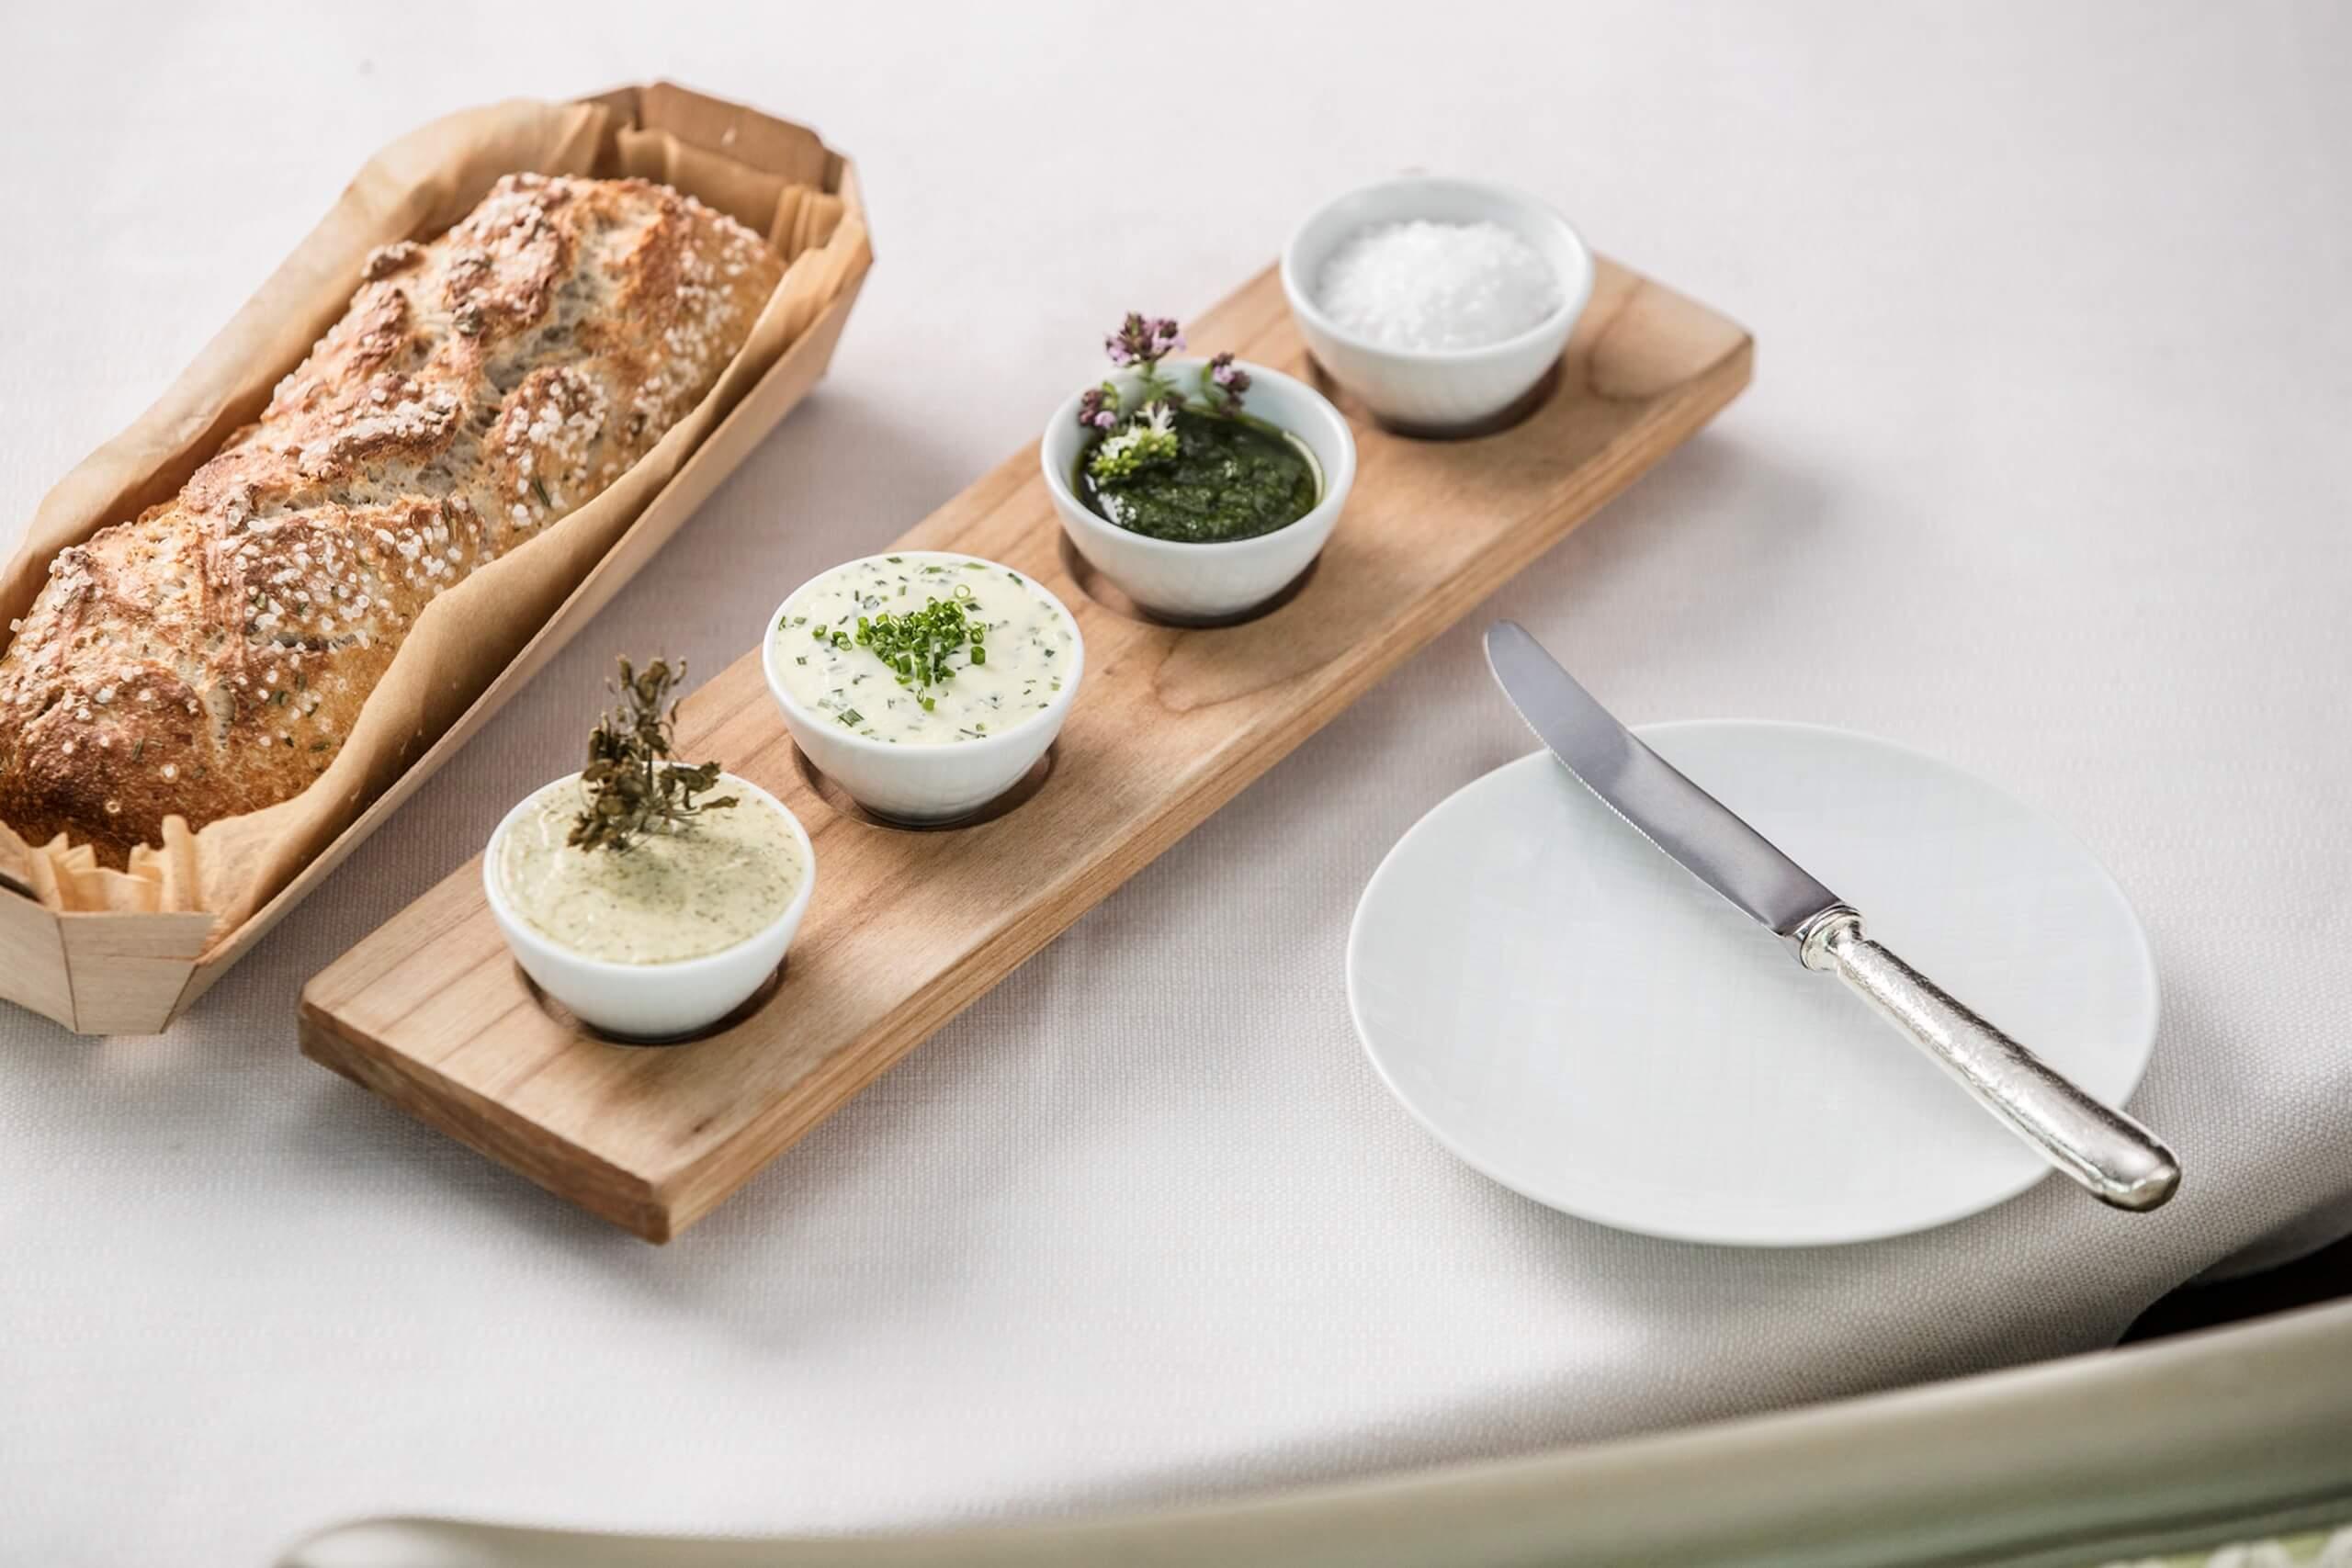 la-terrasse-menu-brot-aufstrich